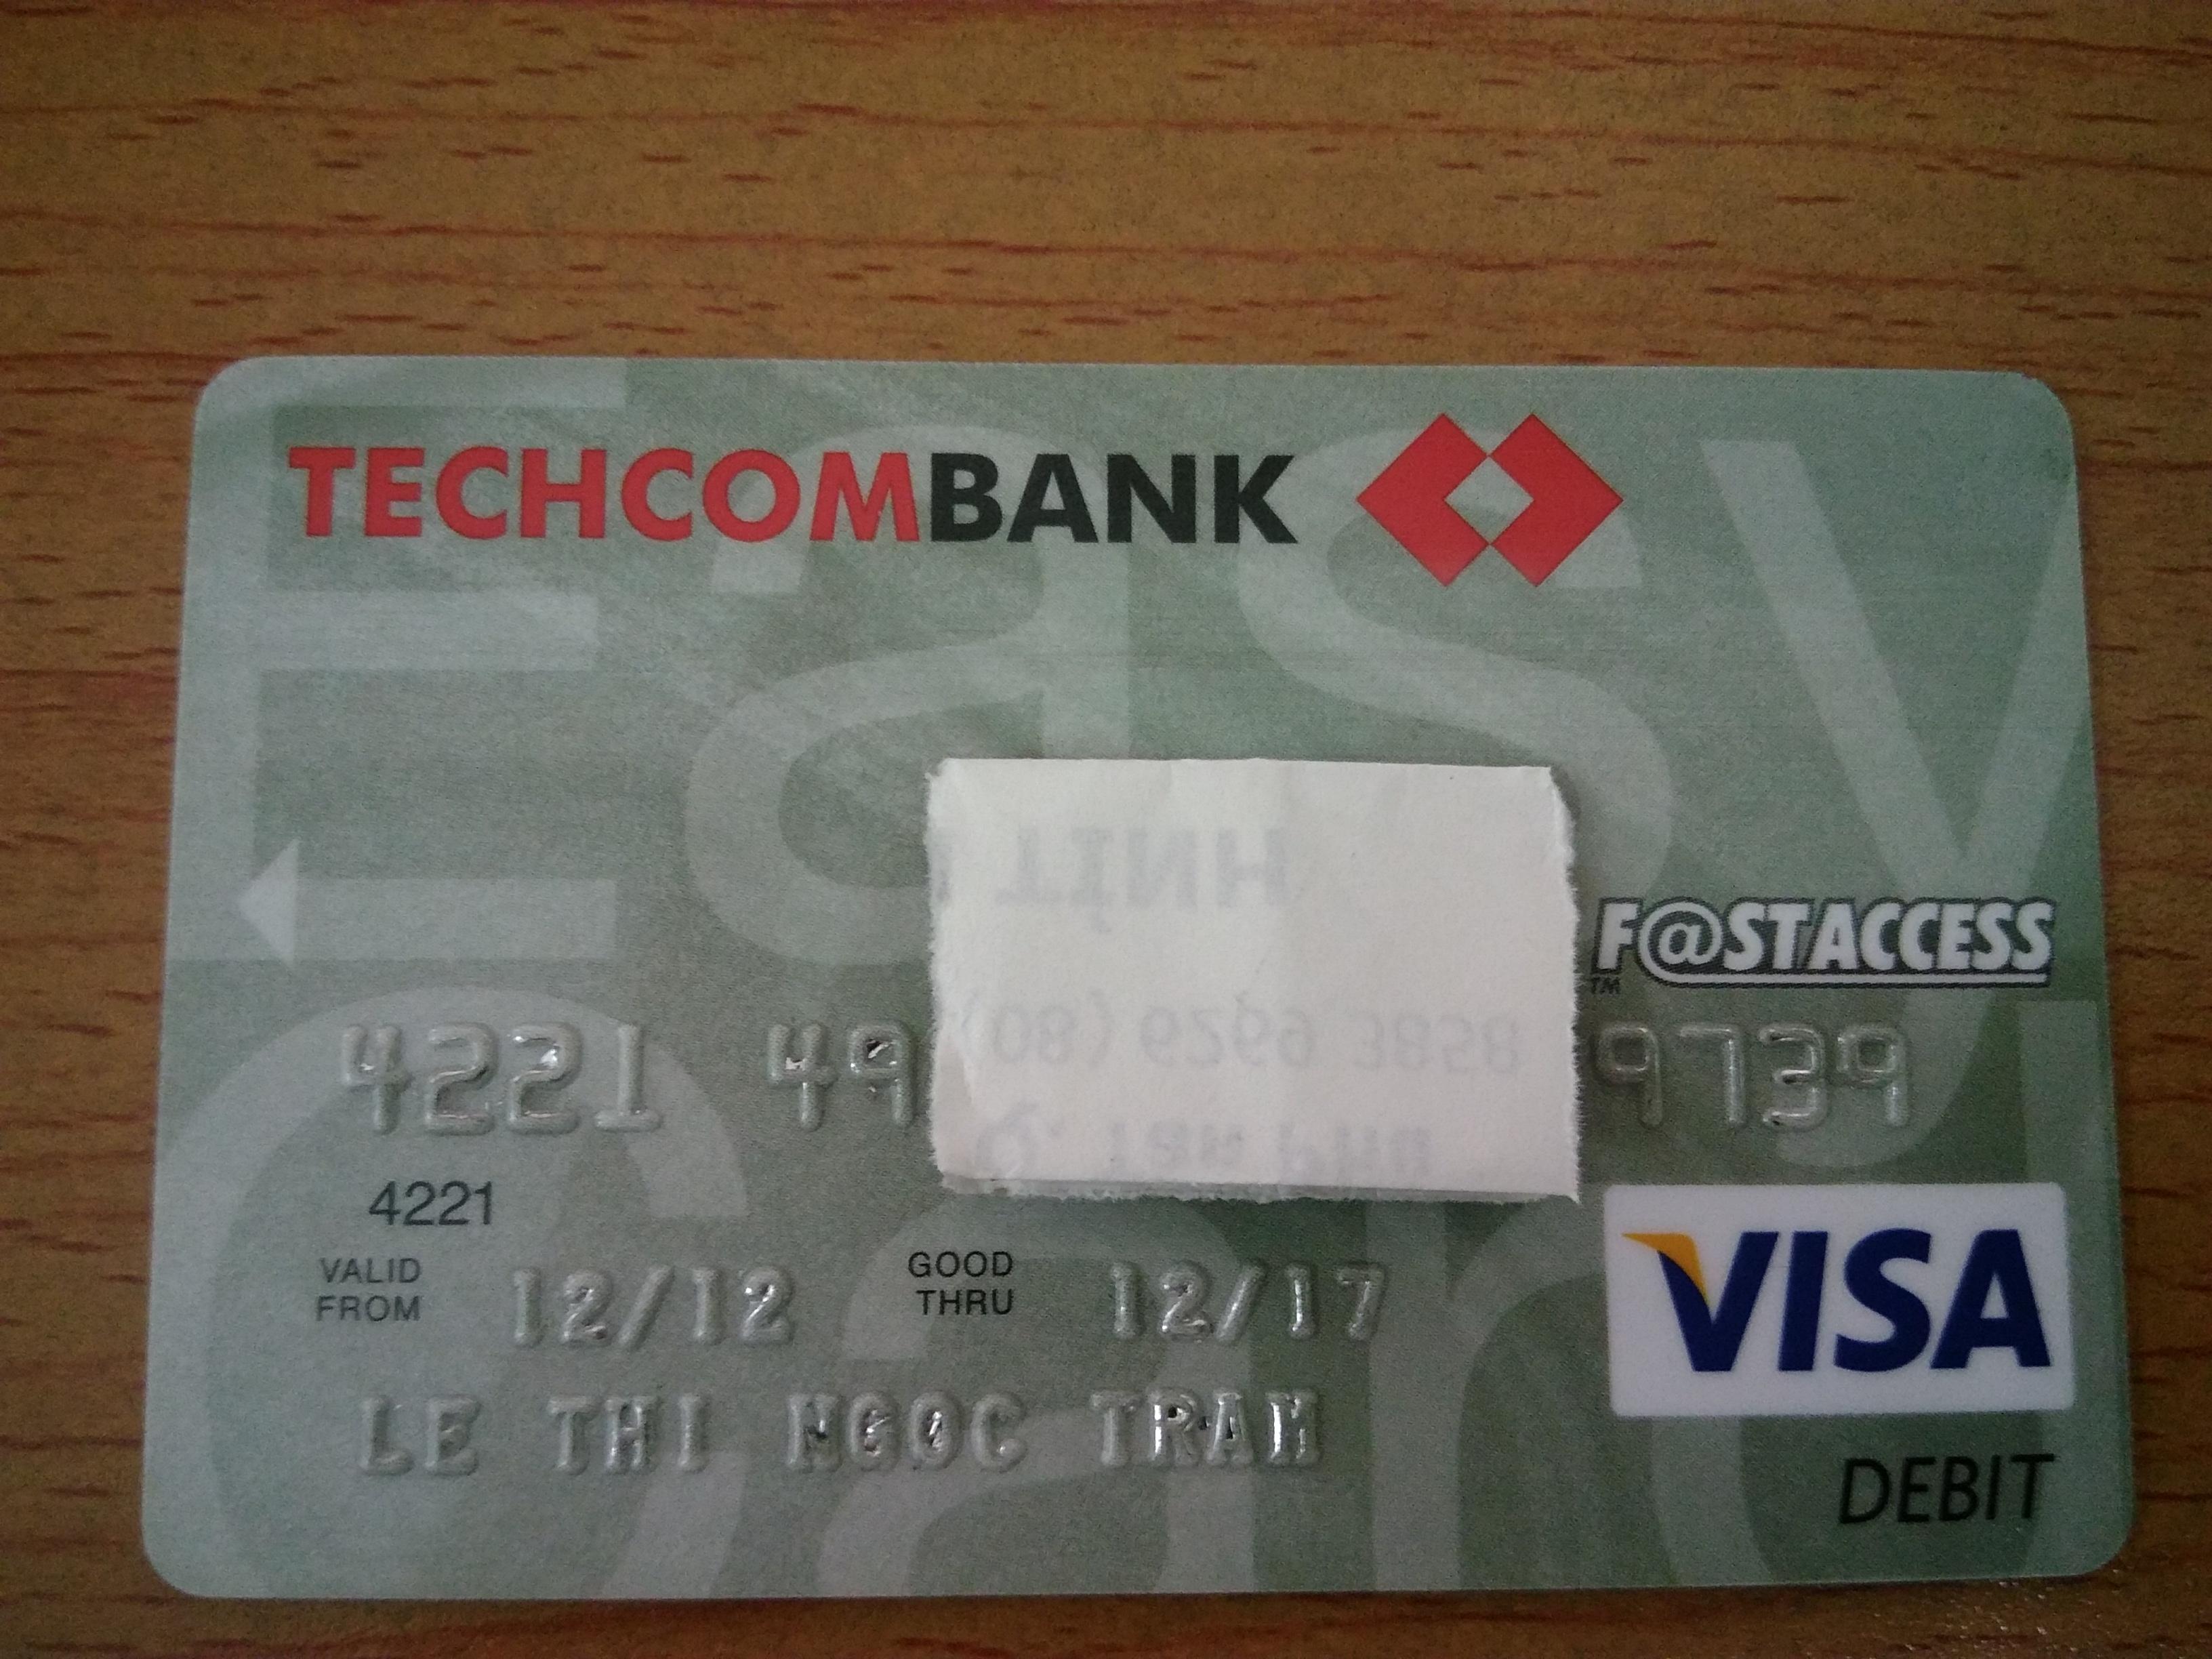 Mua Thẻ Viettel Online Bằng Thẻ Visa Khi Ở Mỹ 2